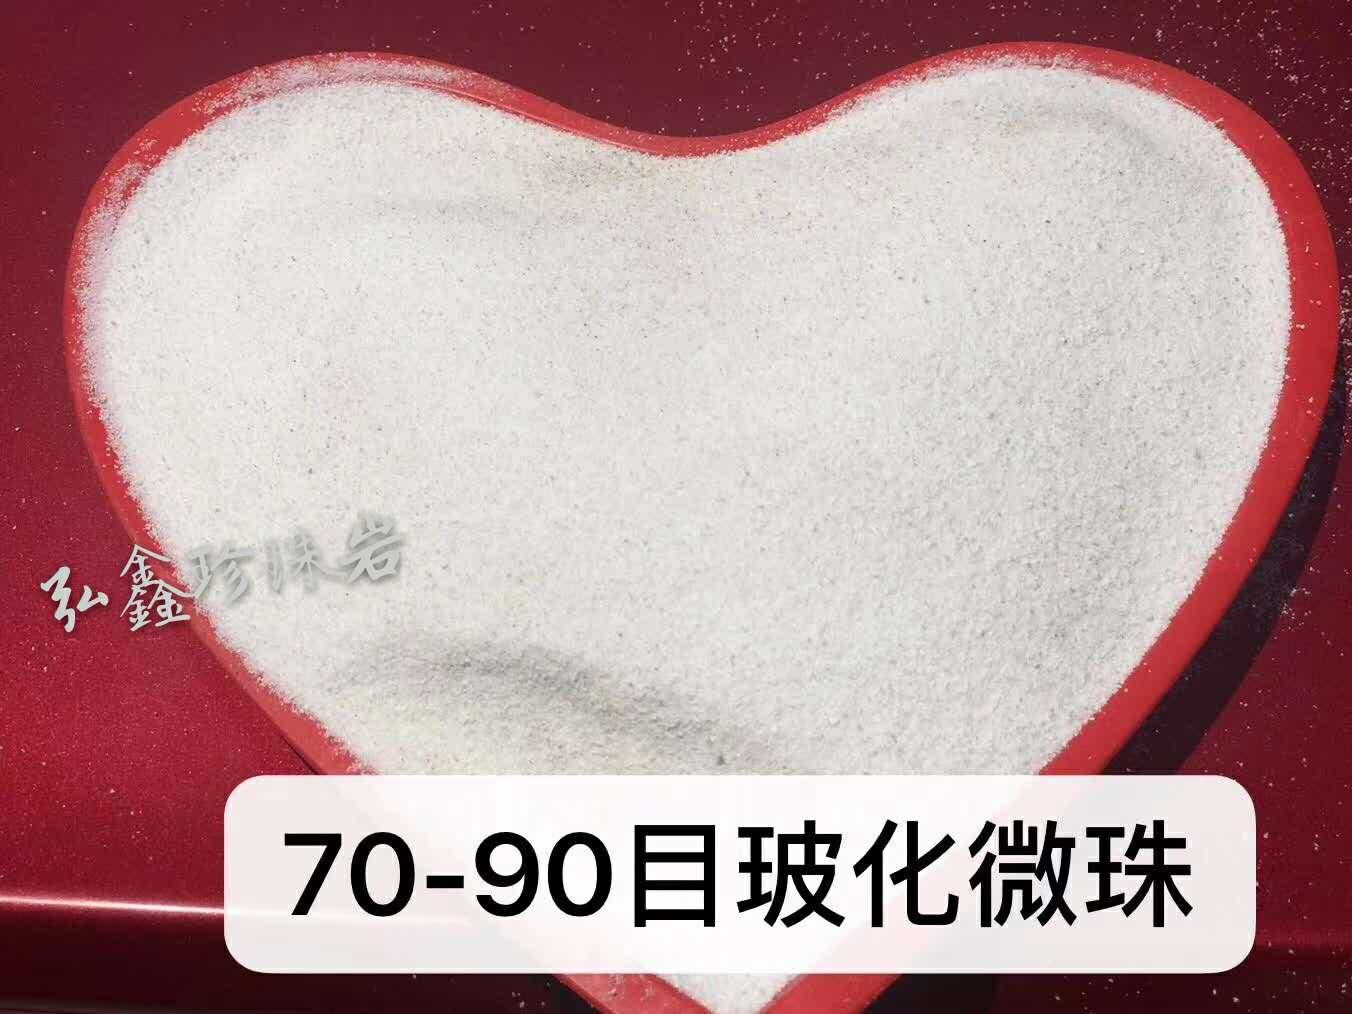 70-90目洗手粉专用珠光砂